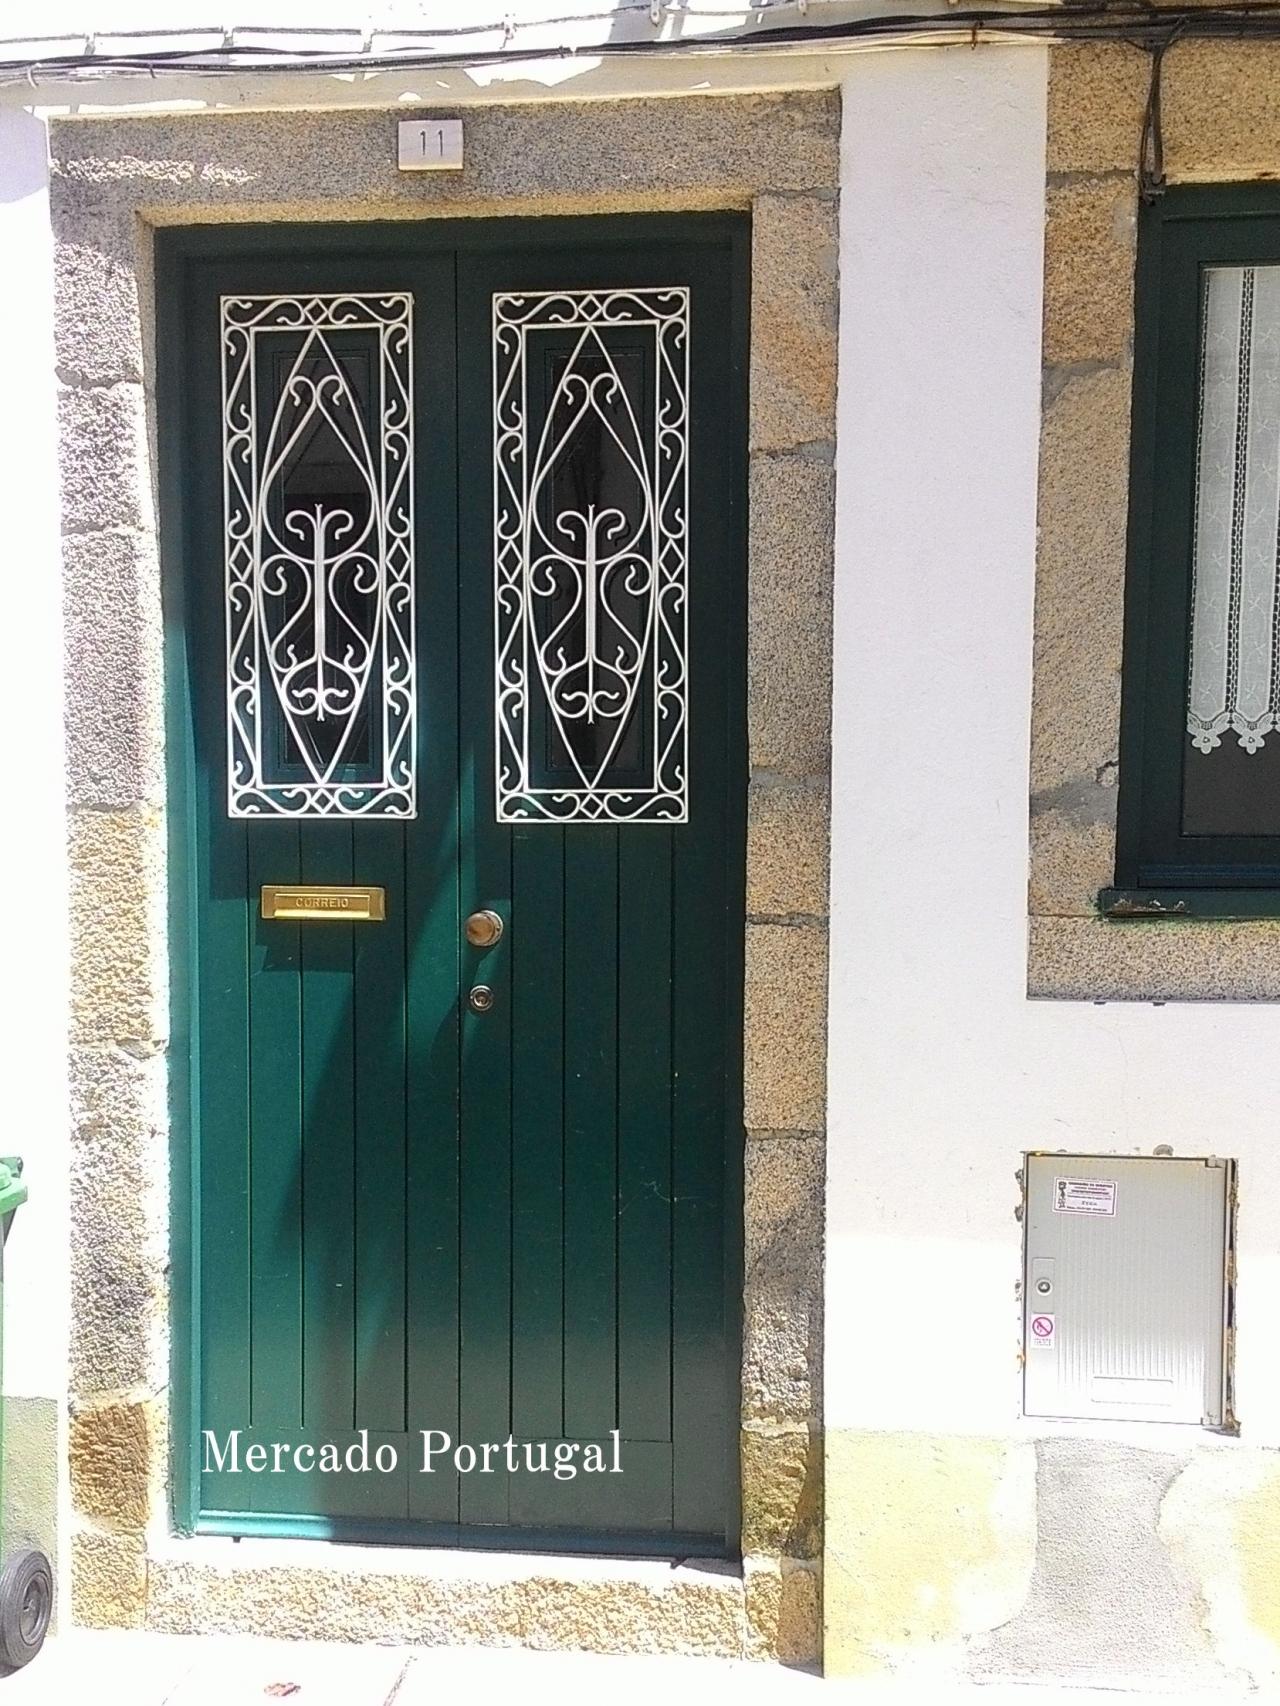 こんなドアを見れば、ポルトガル!とピンとくる人もいるのではないでしょうか。